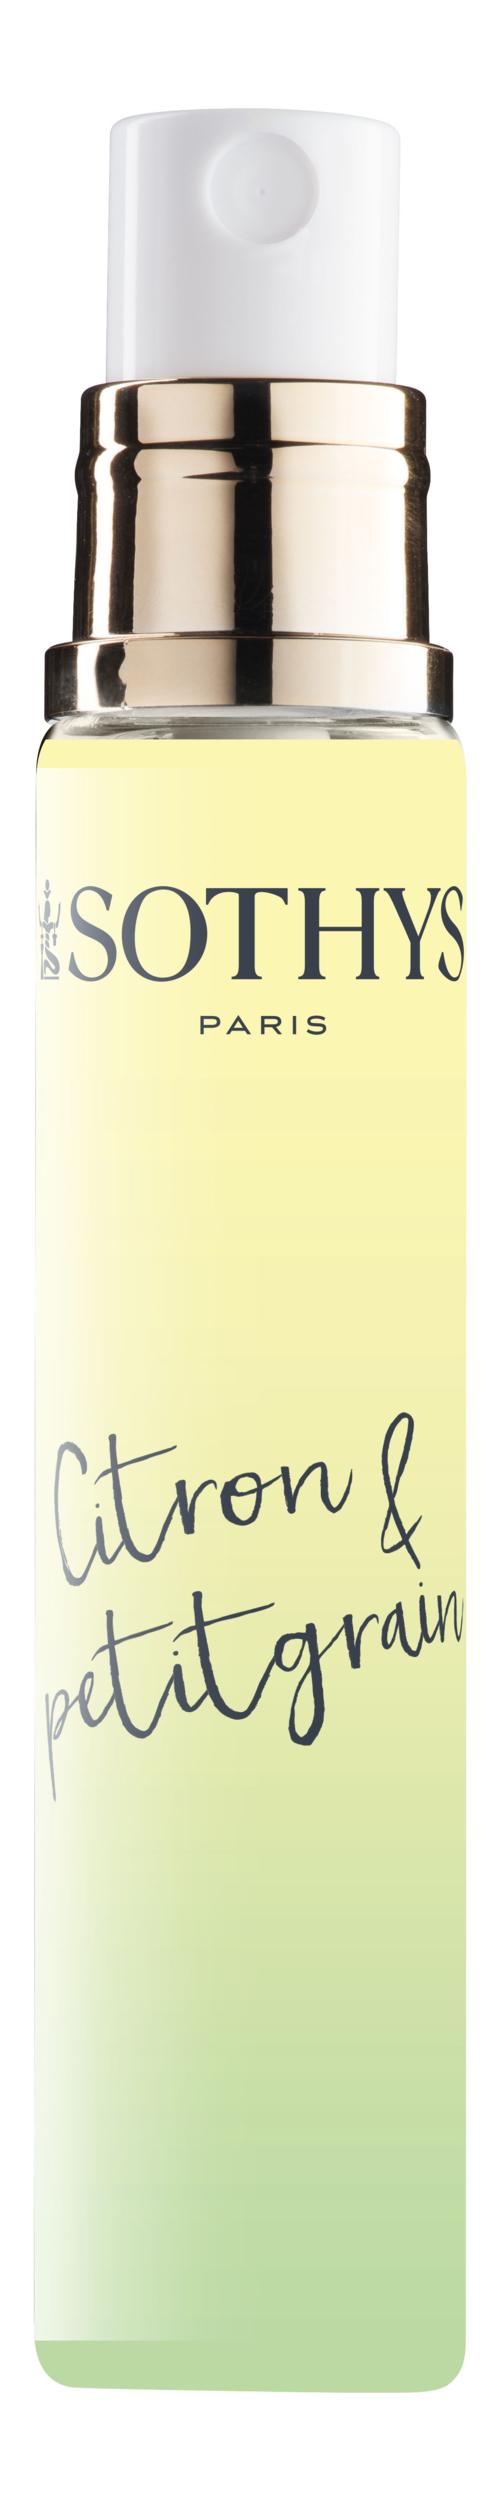 eau-parfum-citron-petitgrain-sothys